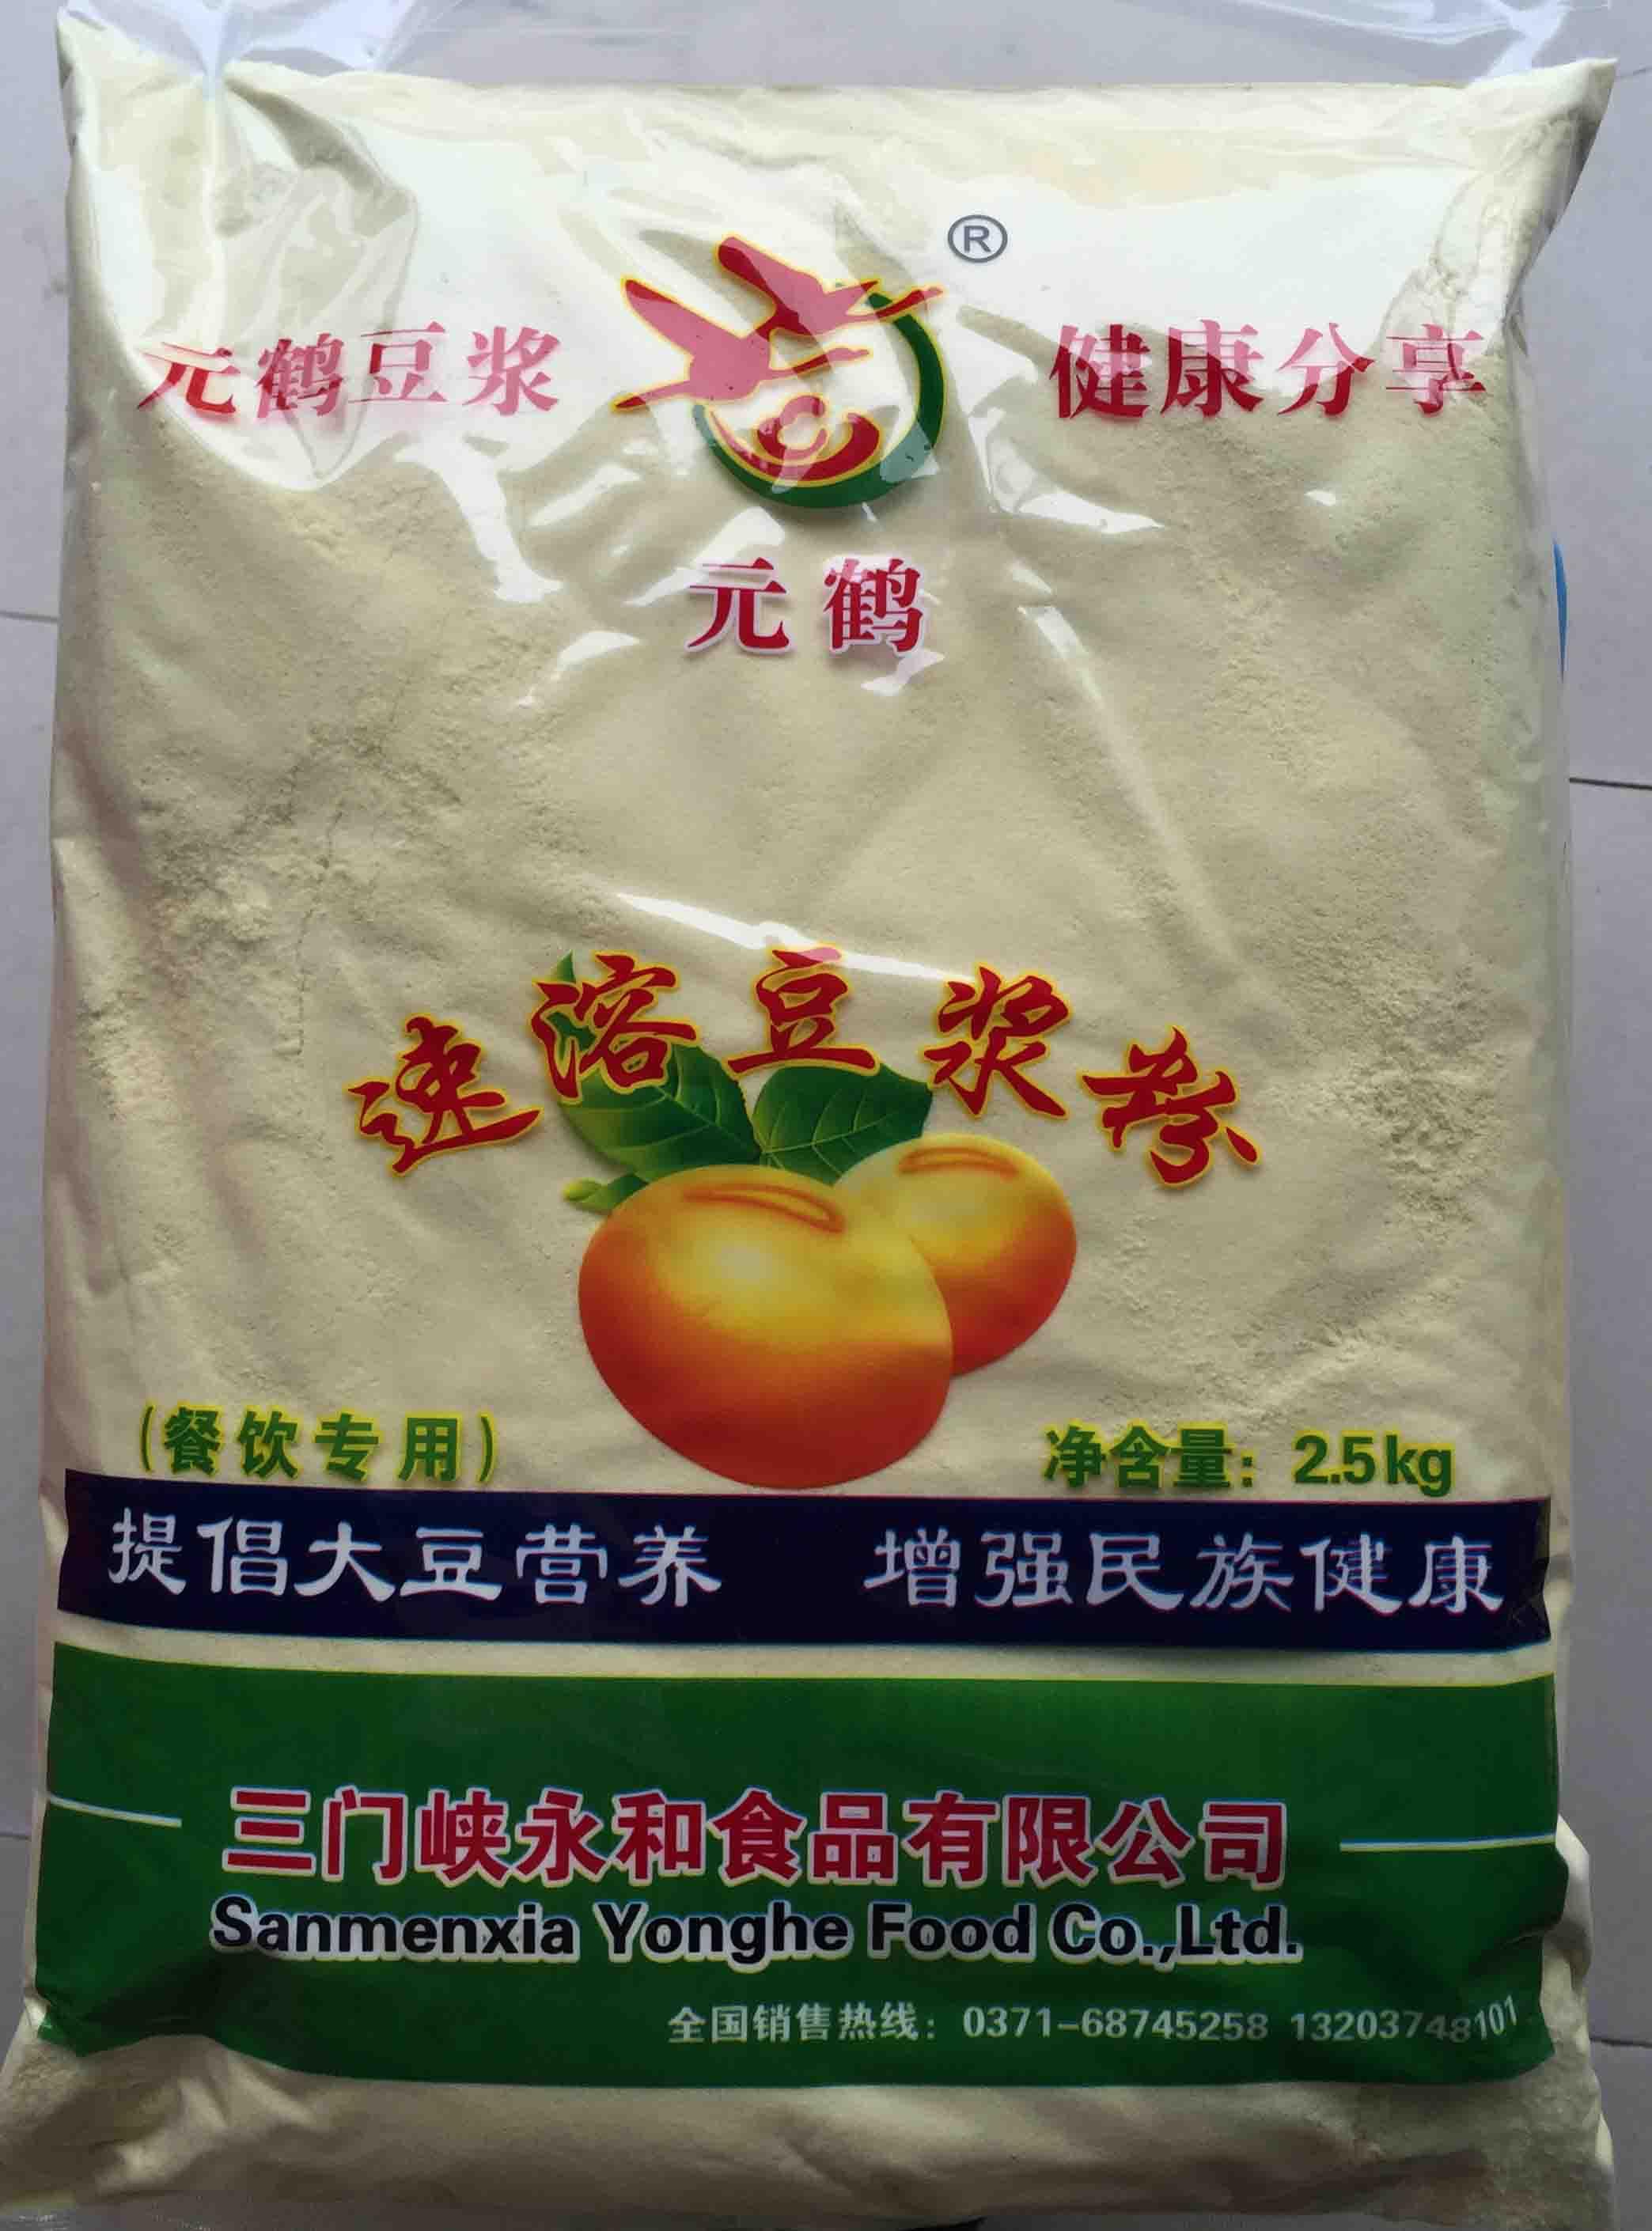 信誉好的湖北餐饮豆浆粉厂家-黄冈餐饮豆浆